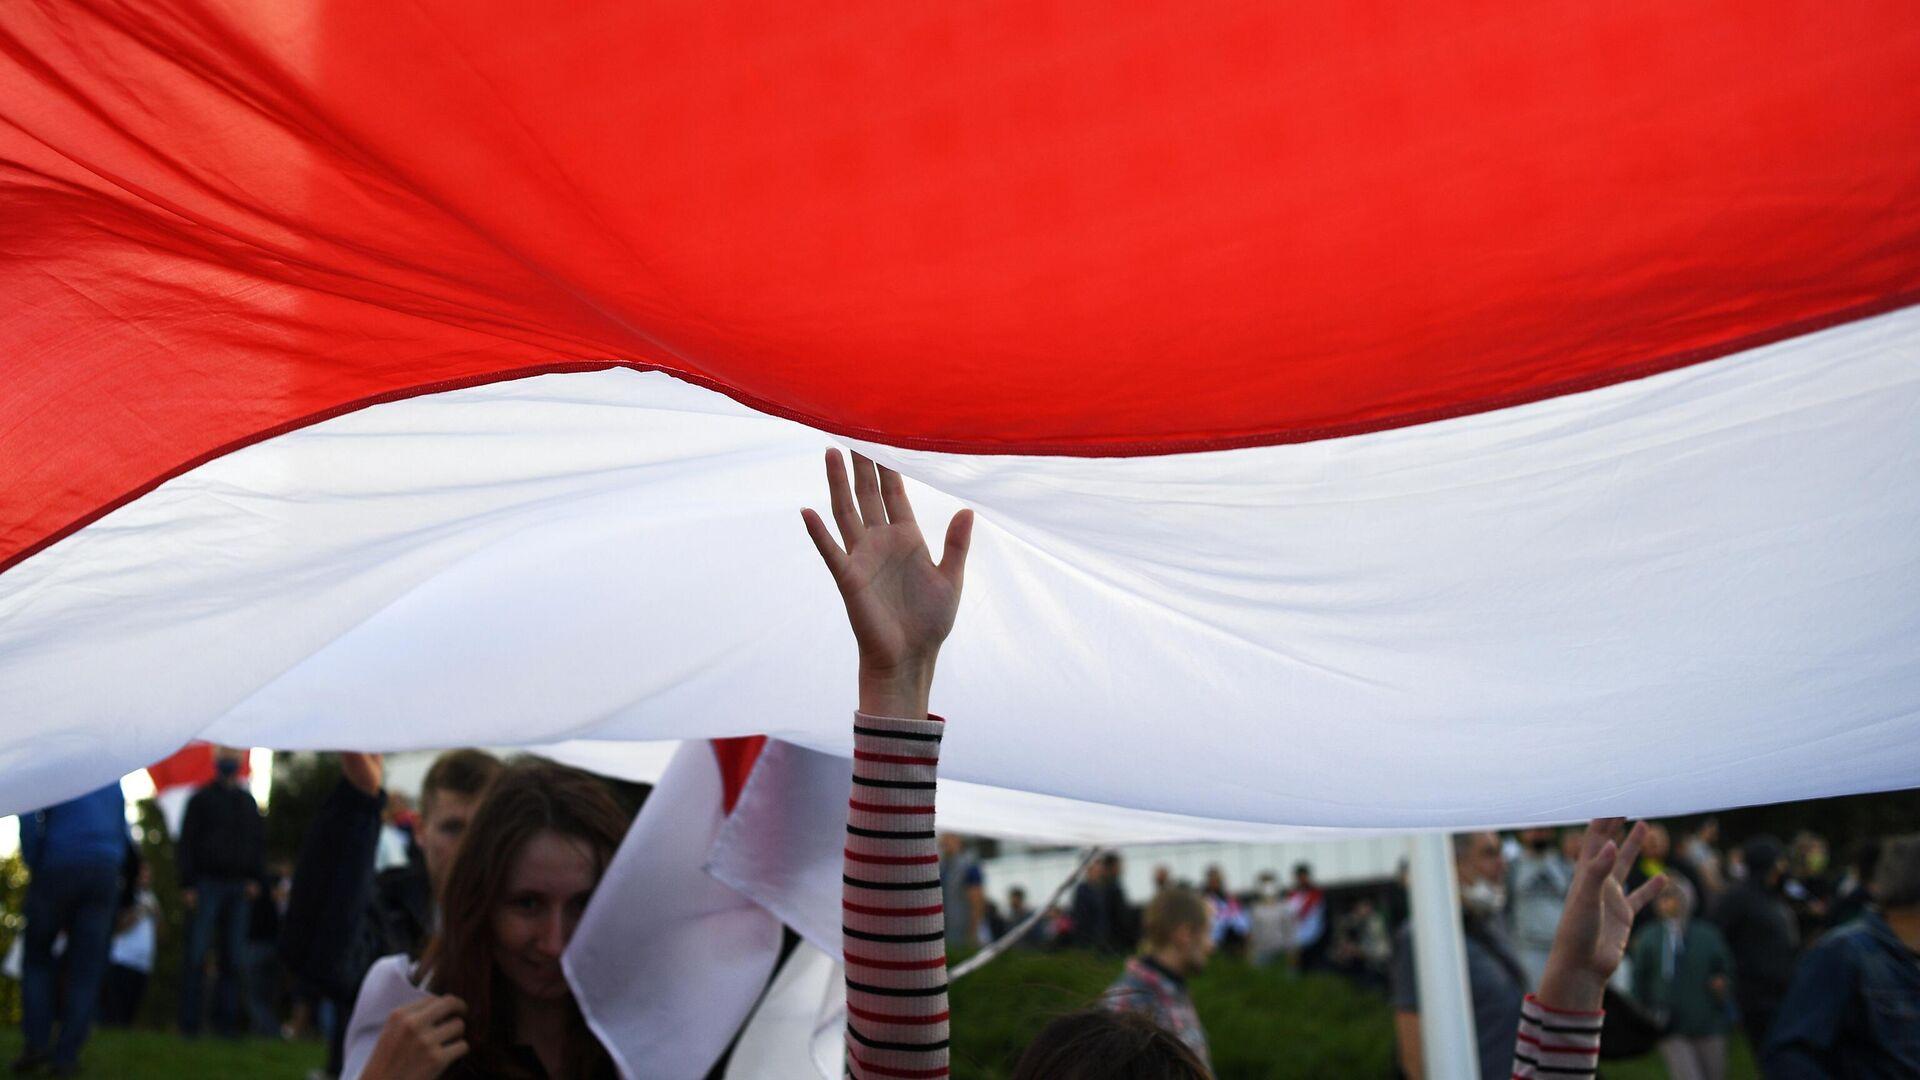 Участники несанкционированной акции оппозиции в Минске - РИА Новости, 1920, 16.09.2020